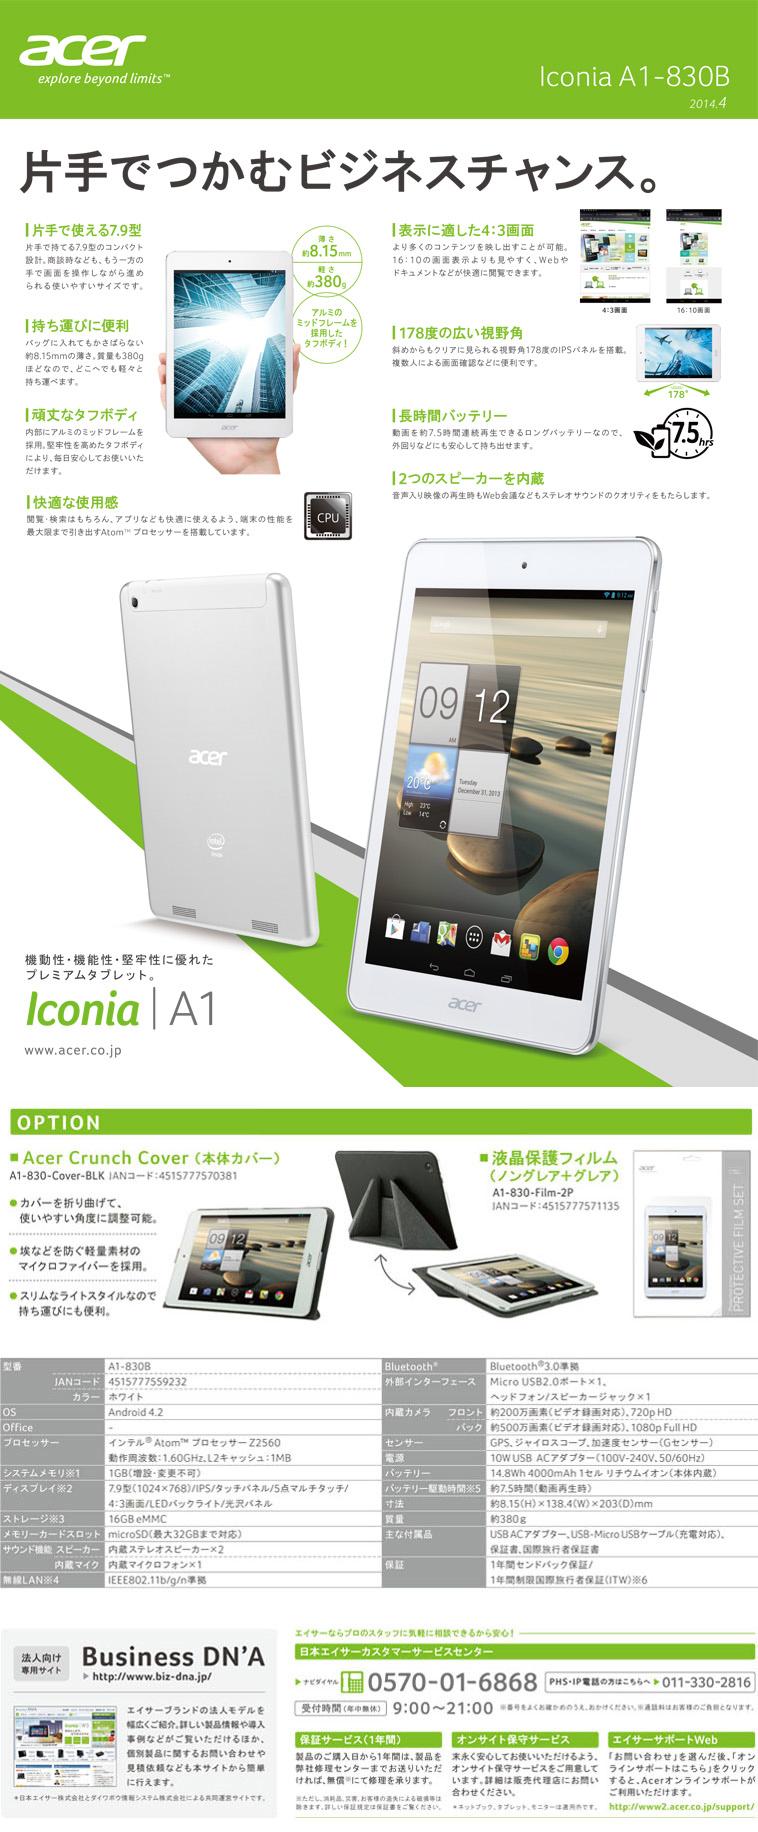 Iconia A1-830B